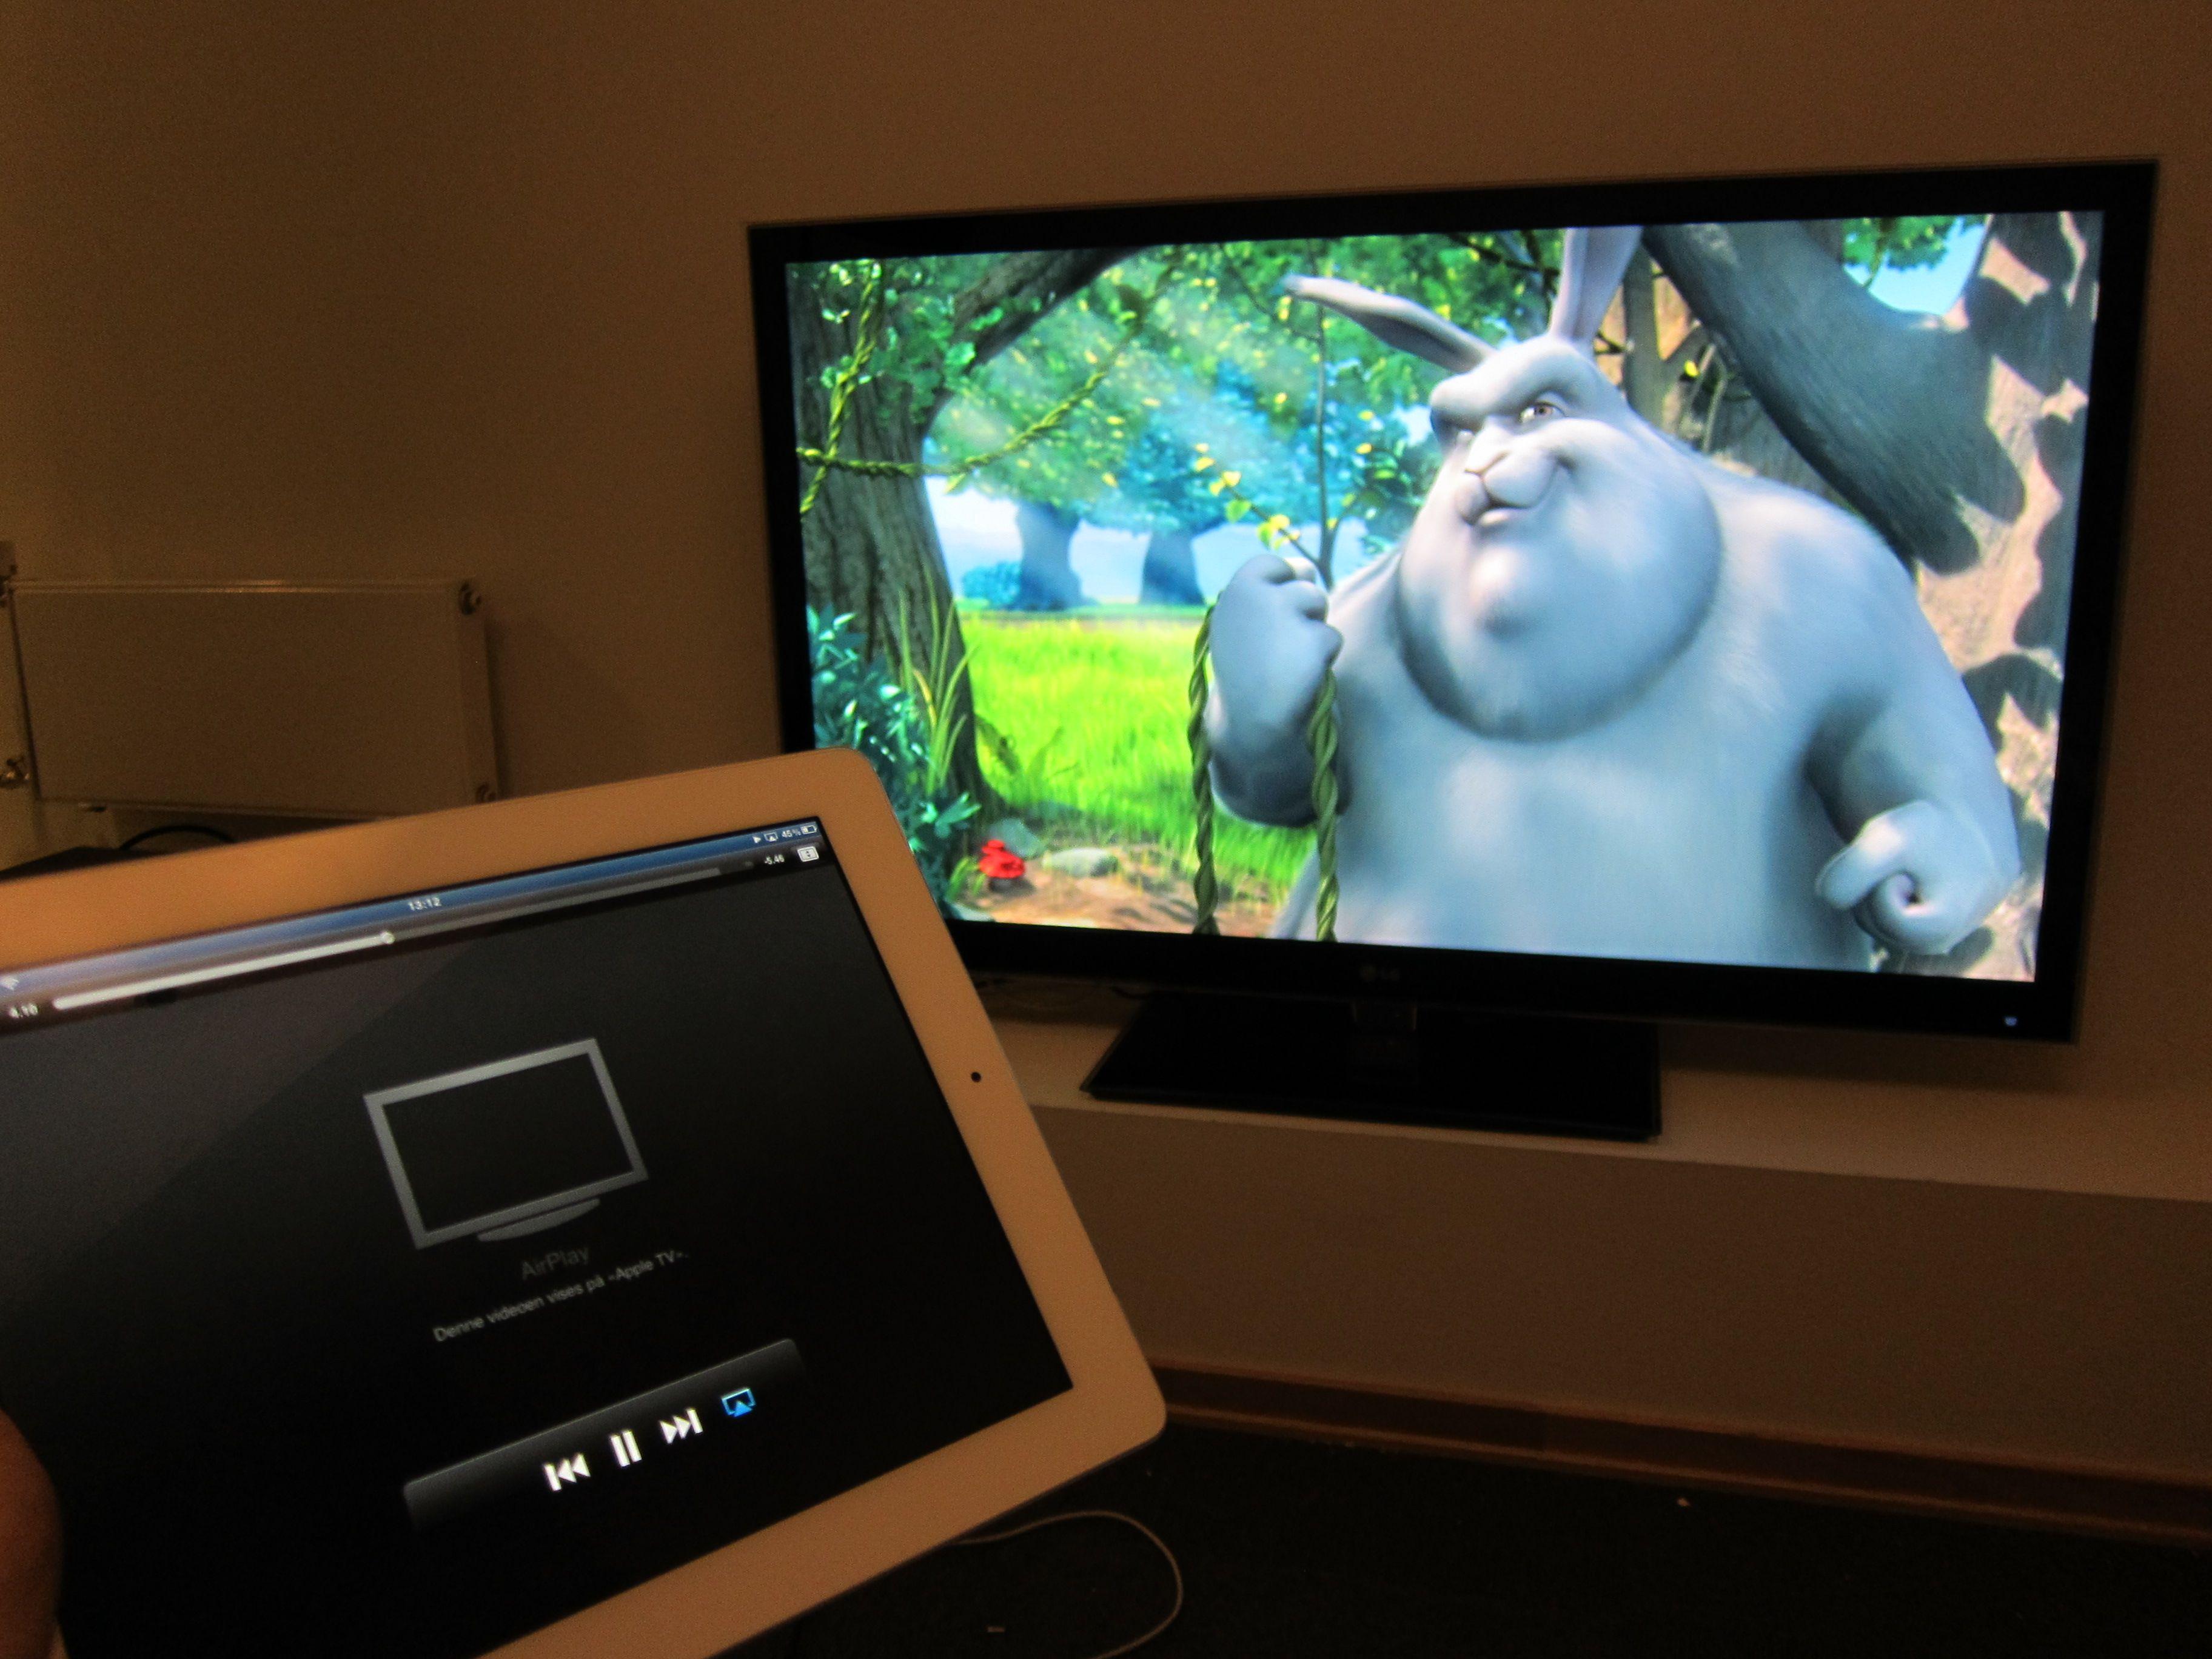 Når videoen spilles av får du beskjed på skjermen hvor den blir spilt av, og du kan spole og pause filmen direkte fra iPaden.